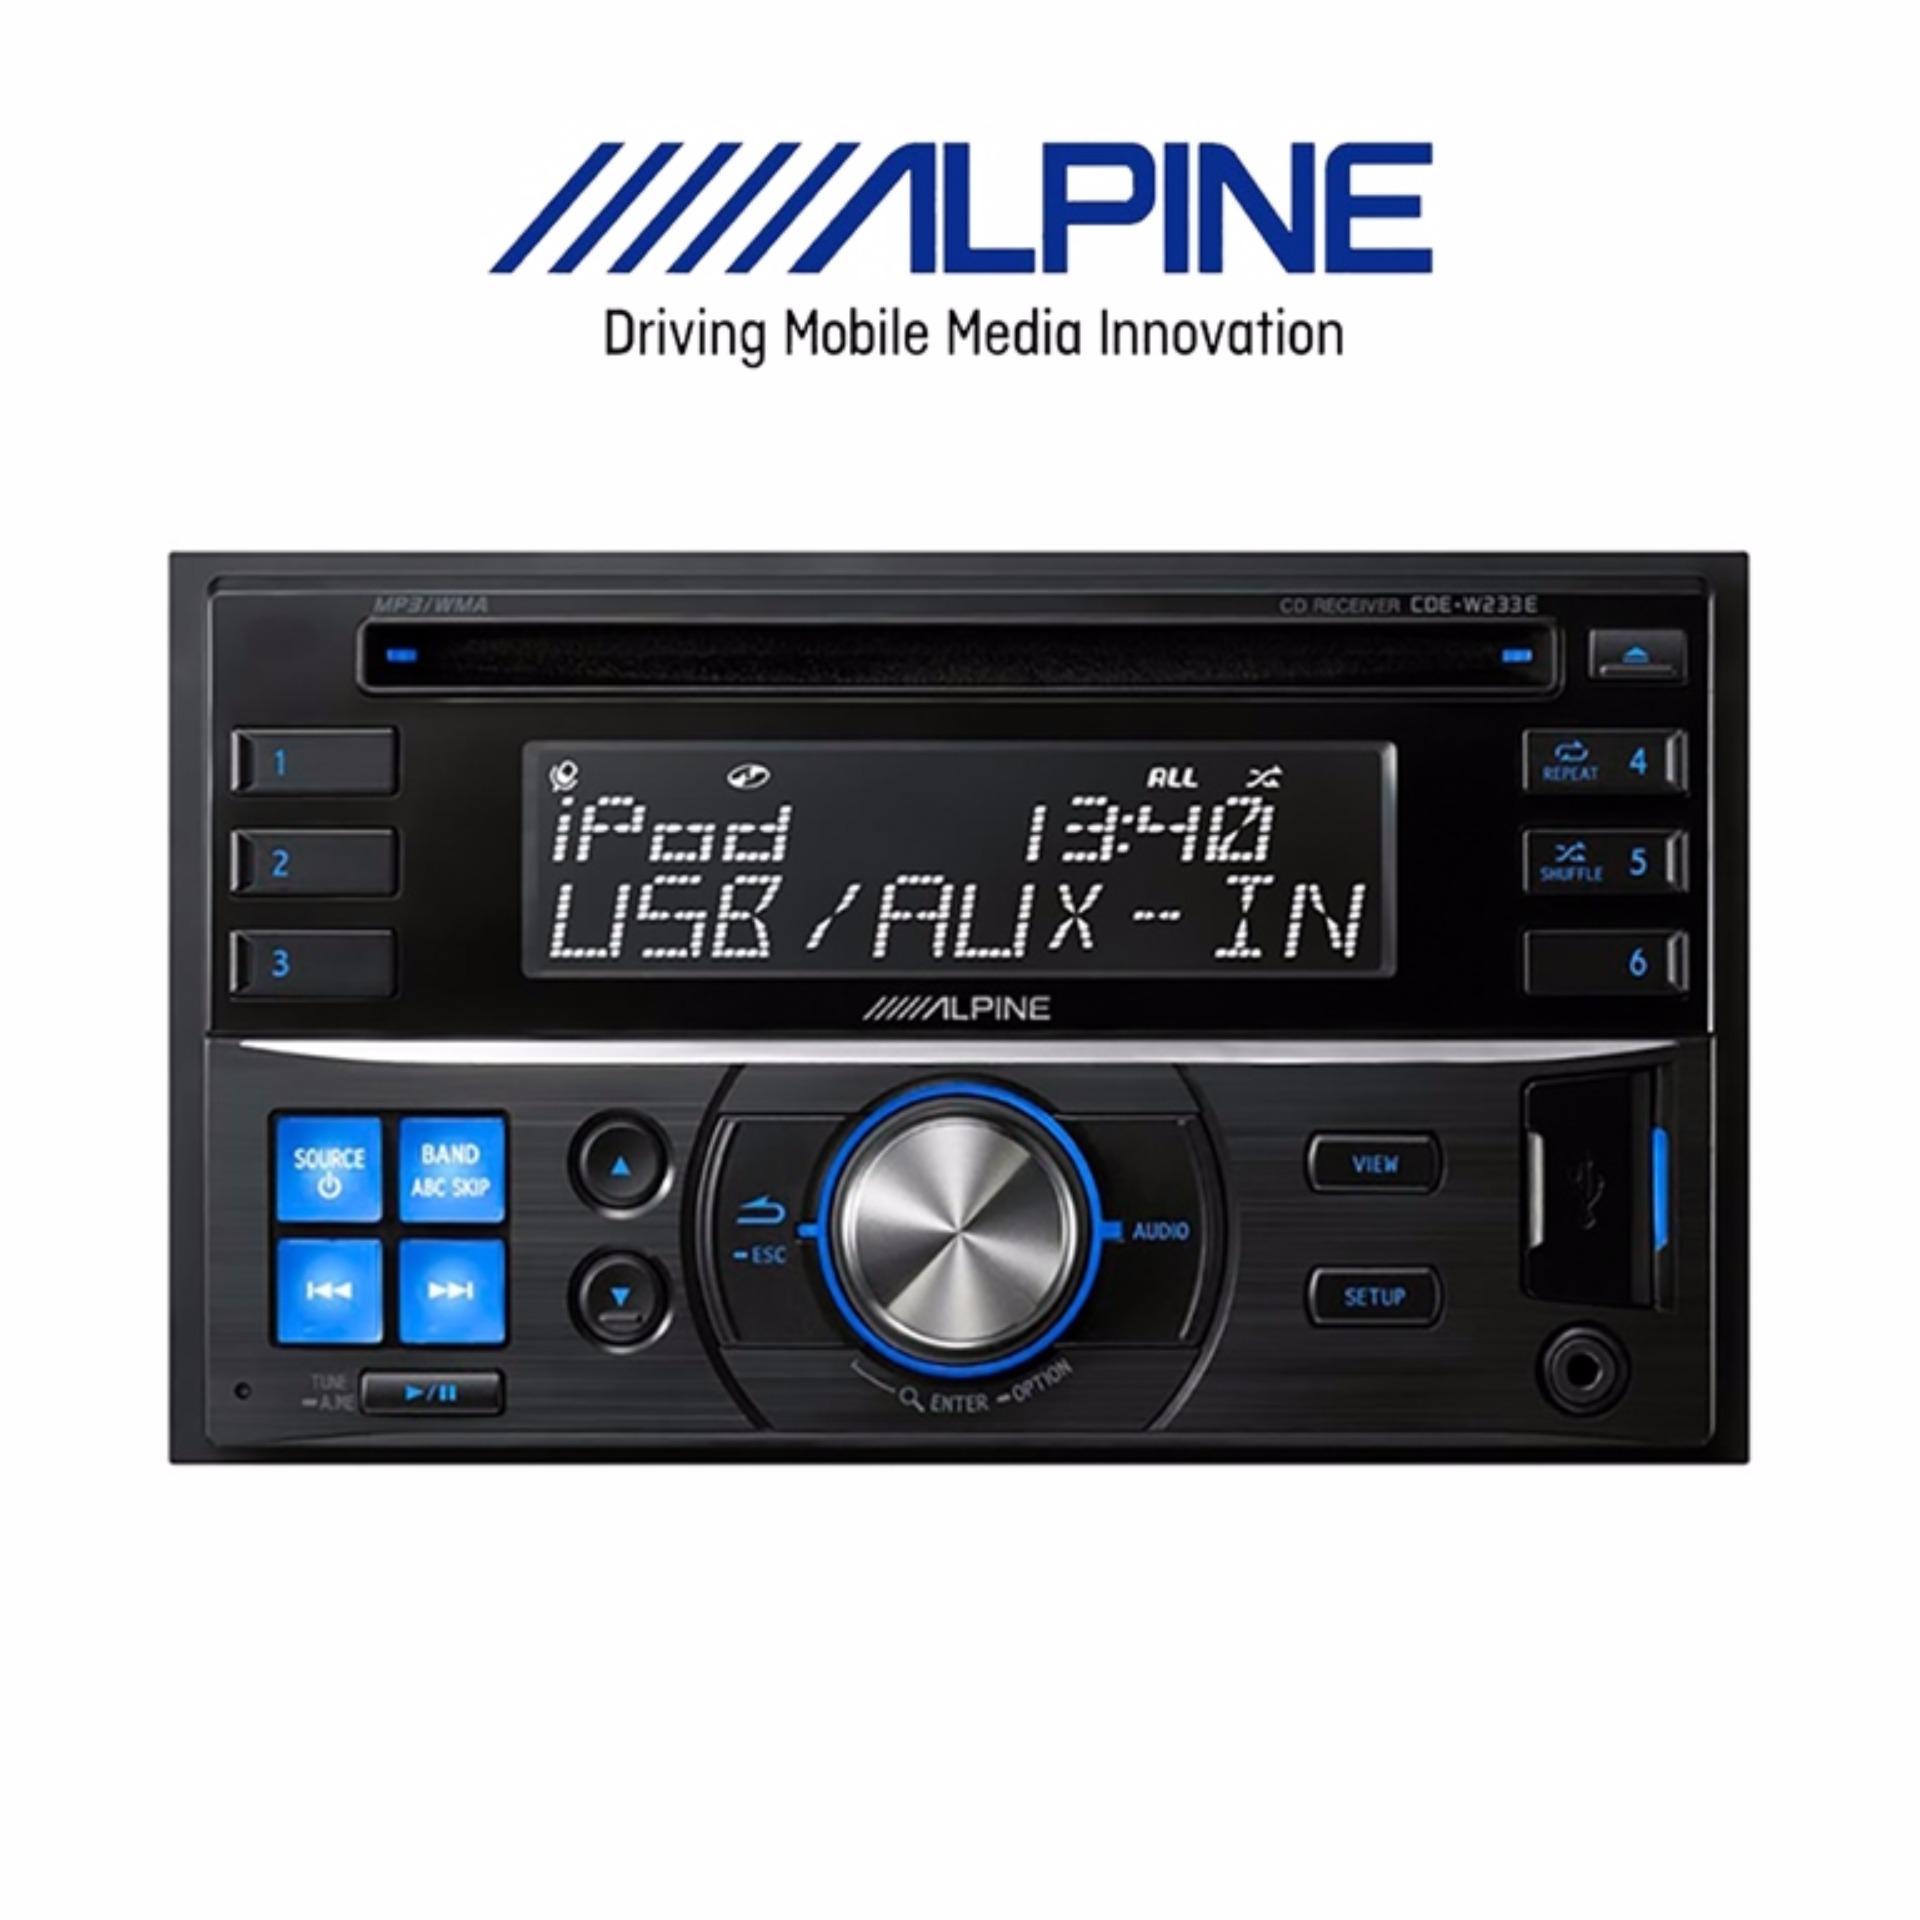 Alpine Cde W233eh Garansi Resmi 1 Tahun Beli Harga Murah Radius Hp Nef11